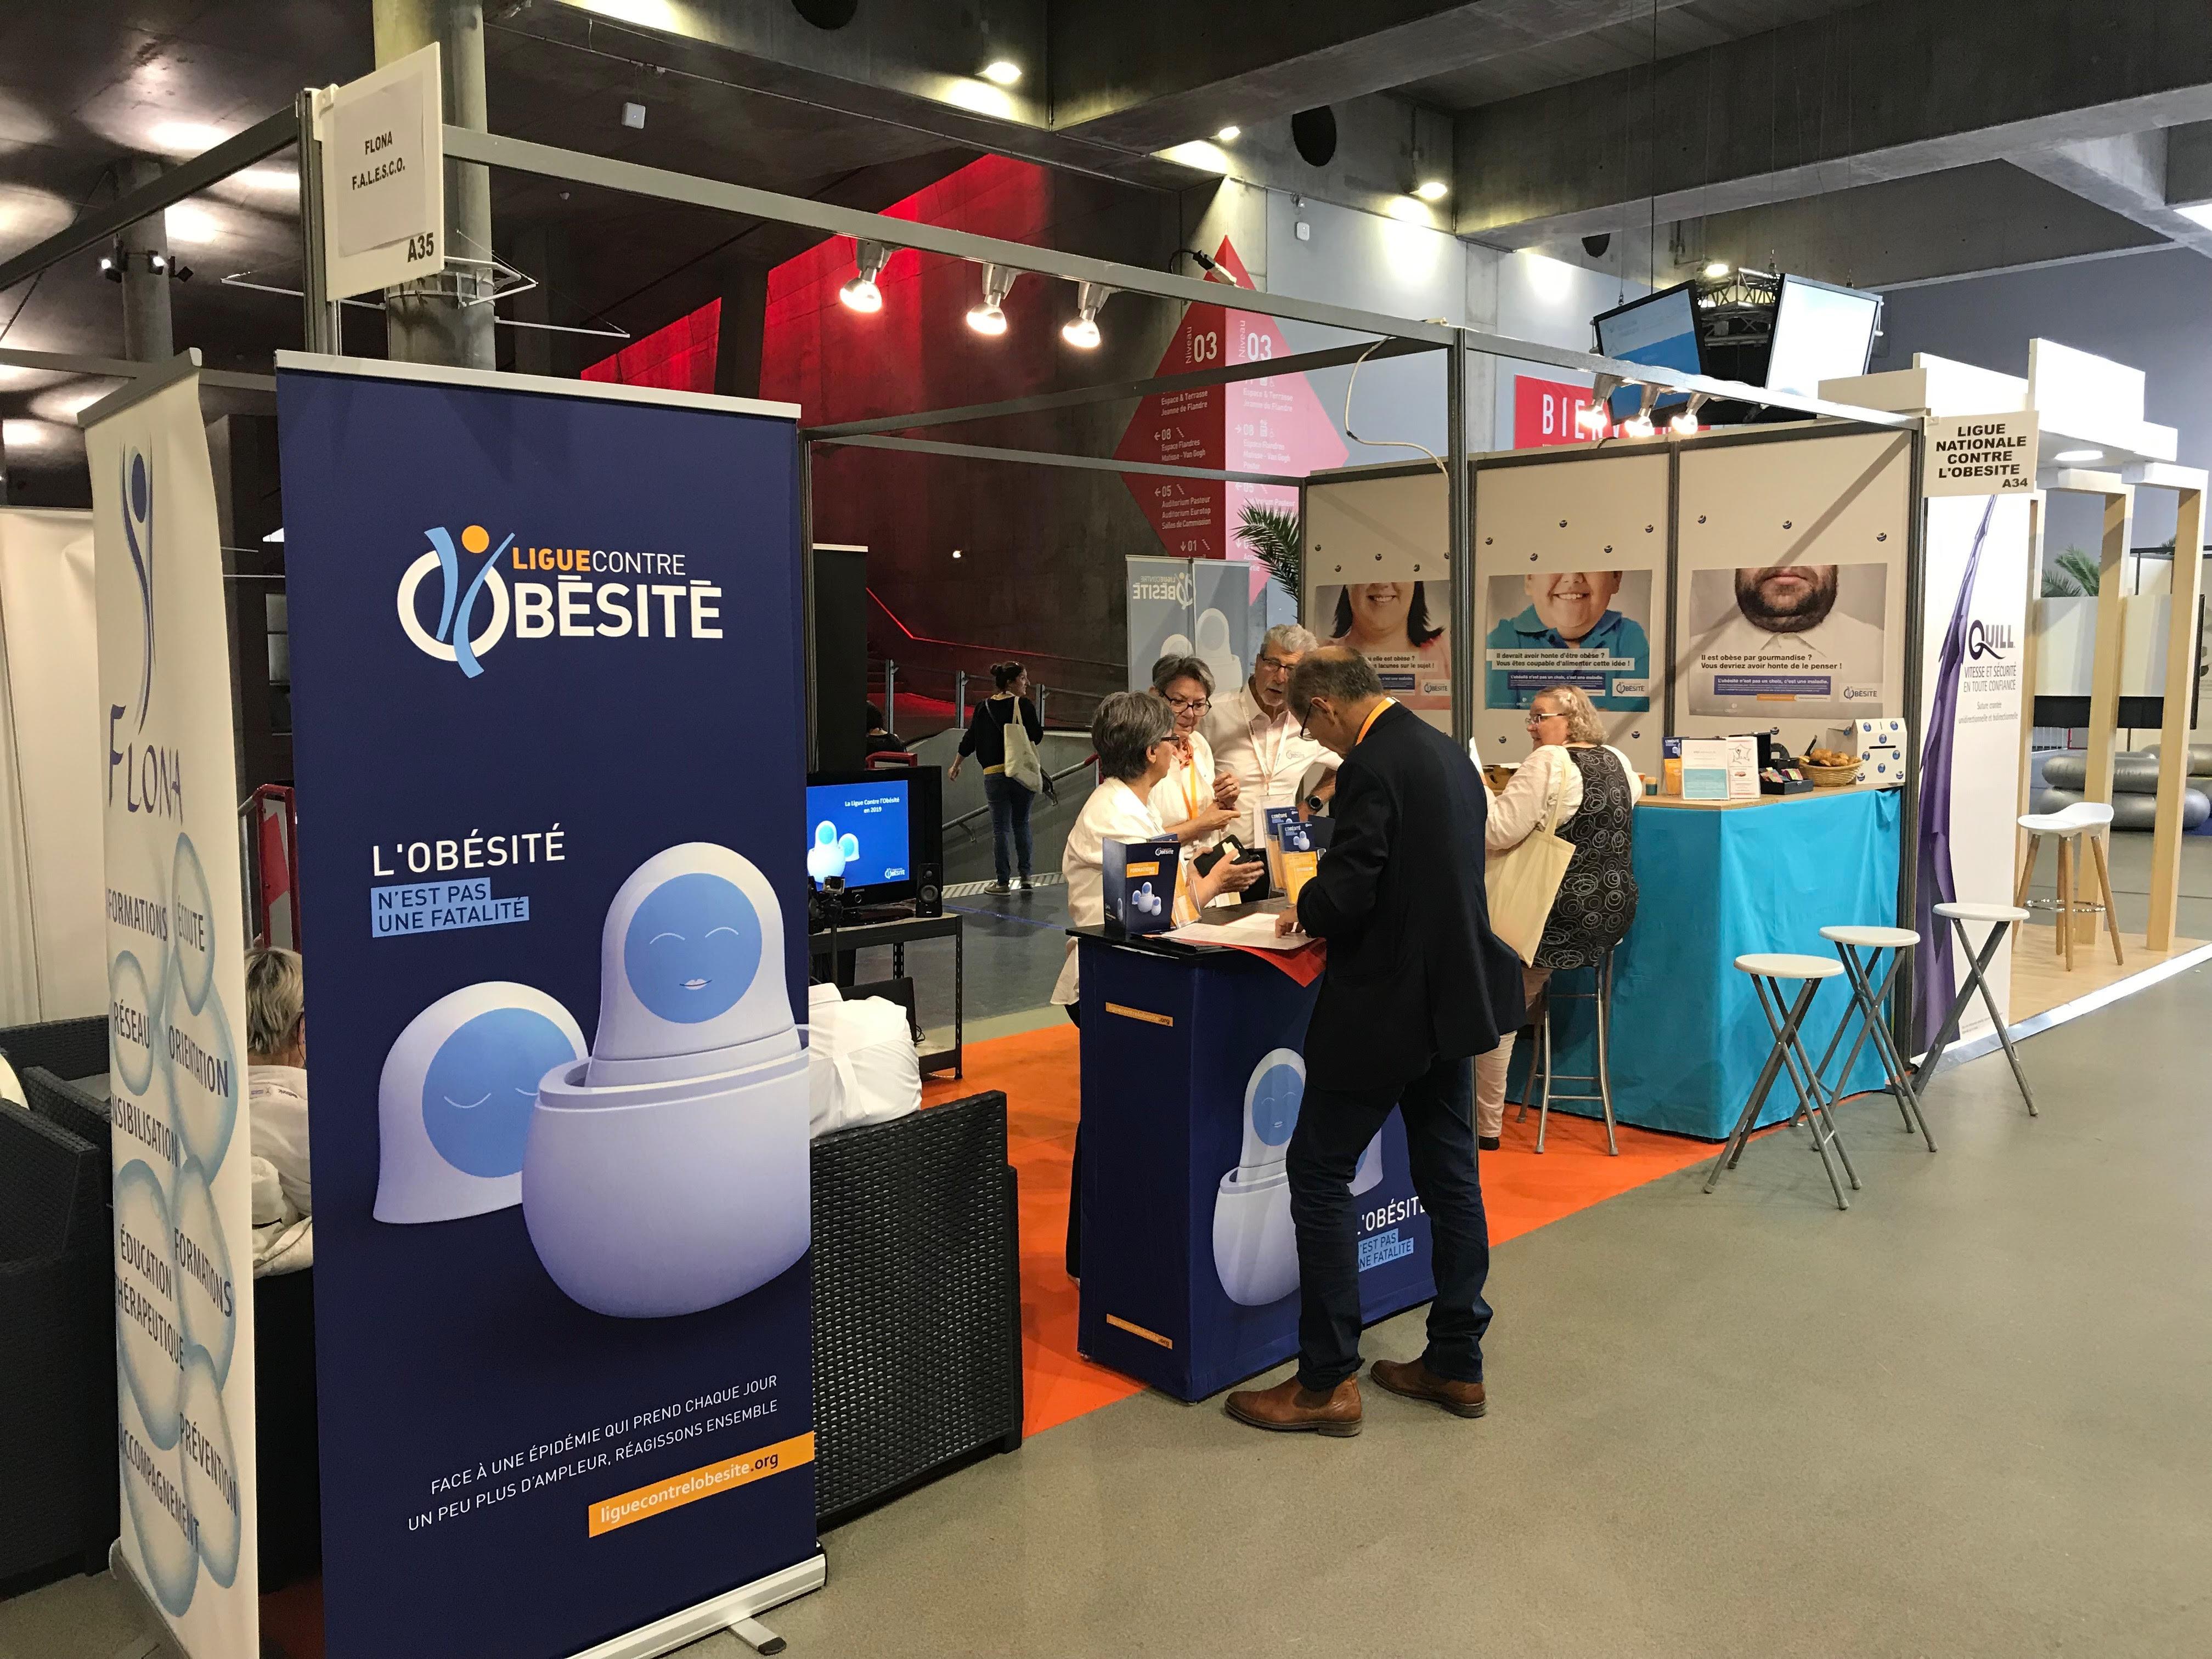 Depuis ce jeudi 23 mai, la Ligue contre l'obésité (LCO) participe au congrès annuel de la Société française et francophone de chirurgie de l'obésité et des maladies métaboliques (Soffco) qui se déroule à Lille jusqu'au samedi 25 mai.